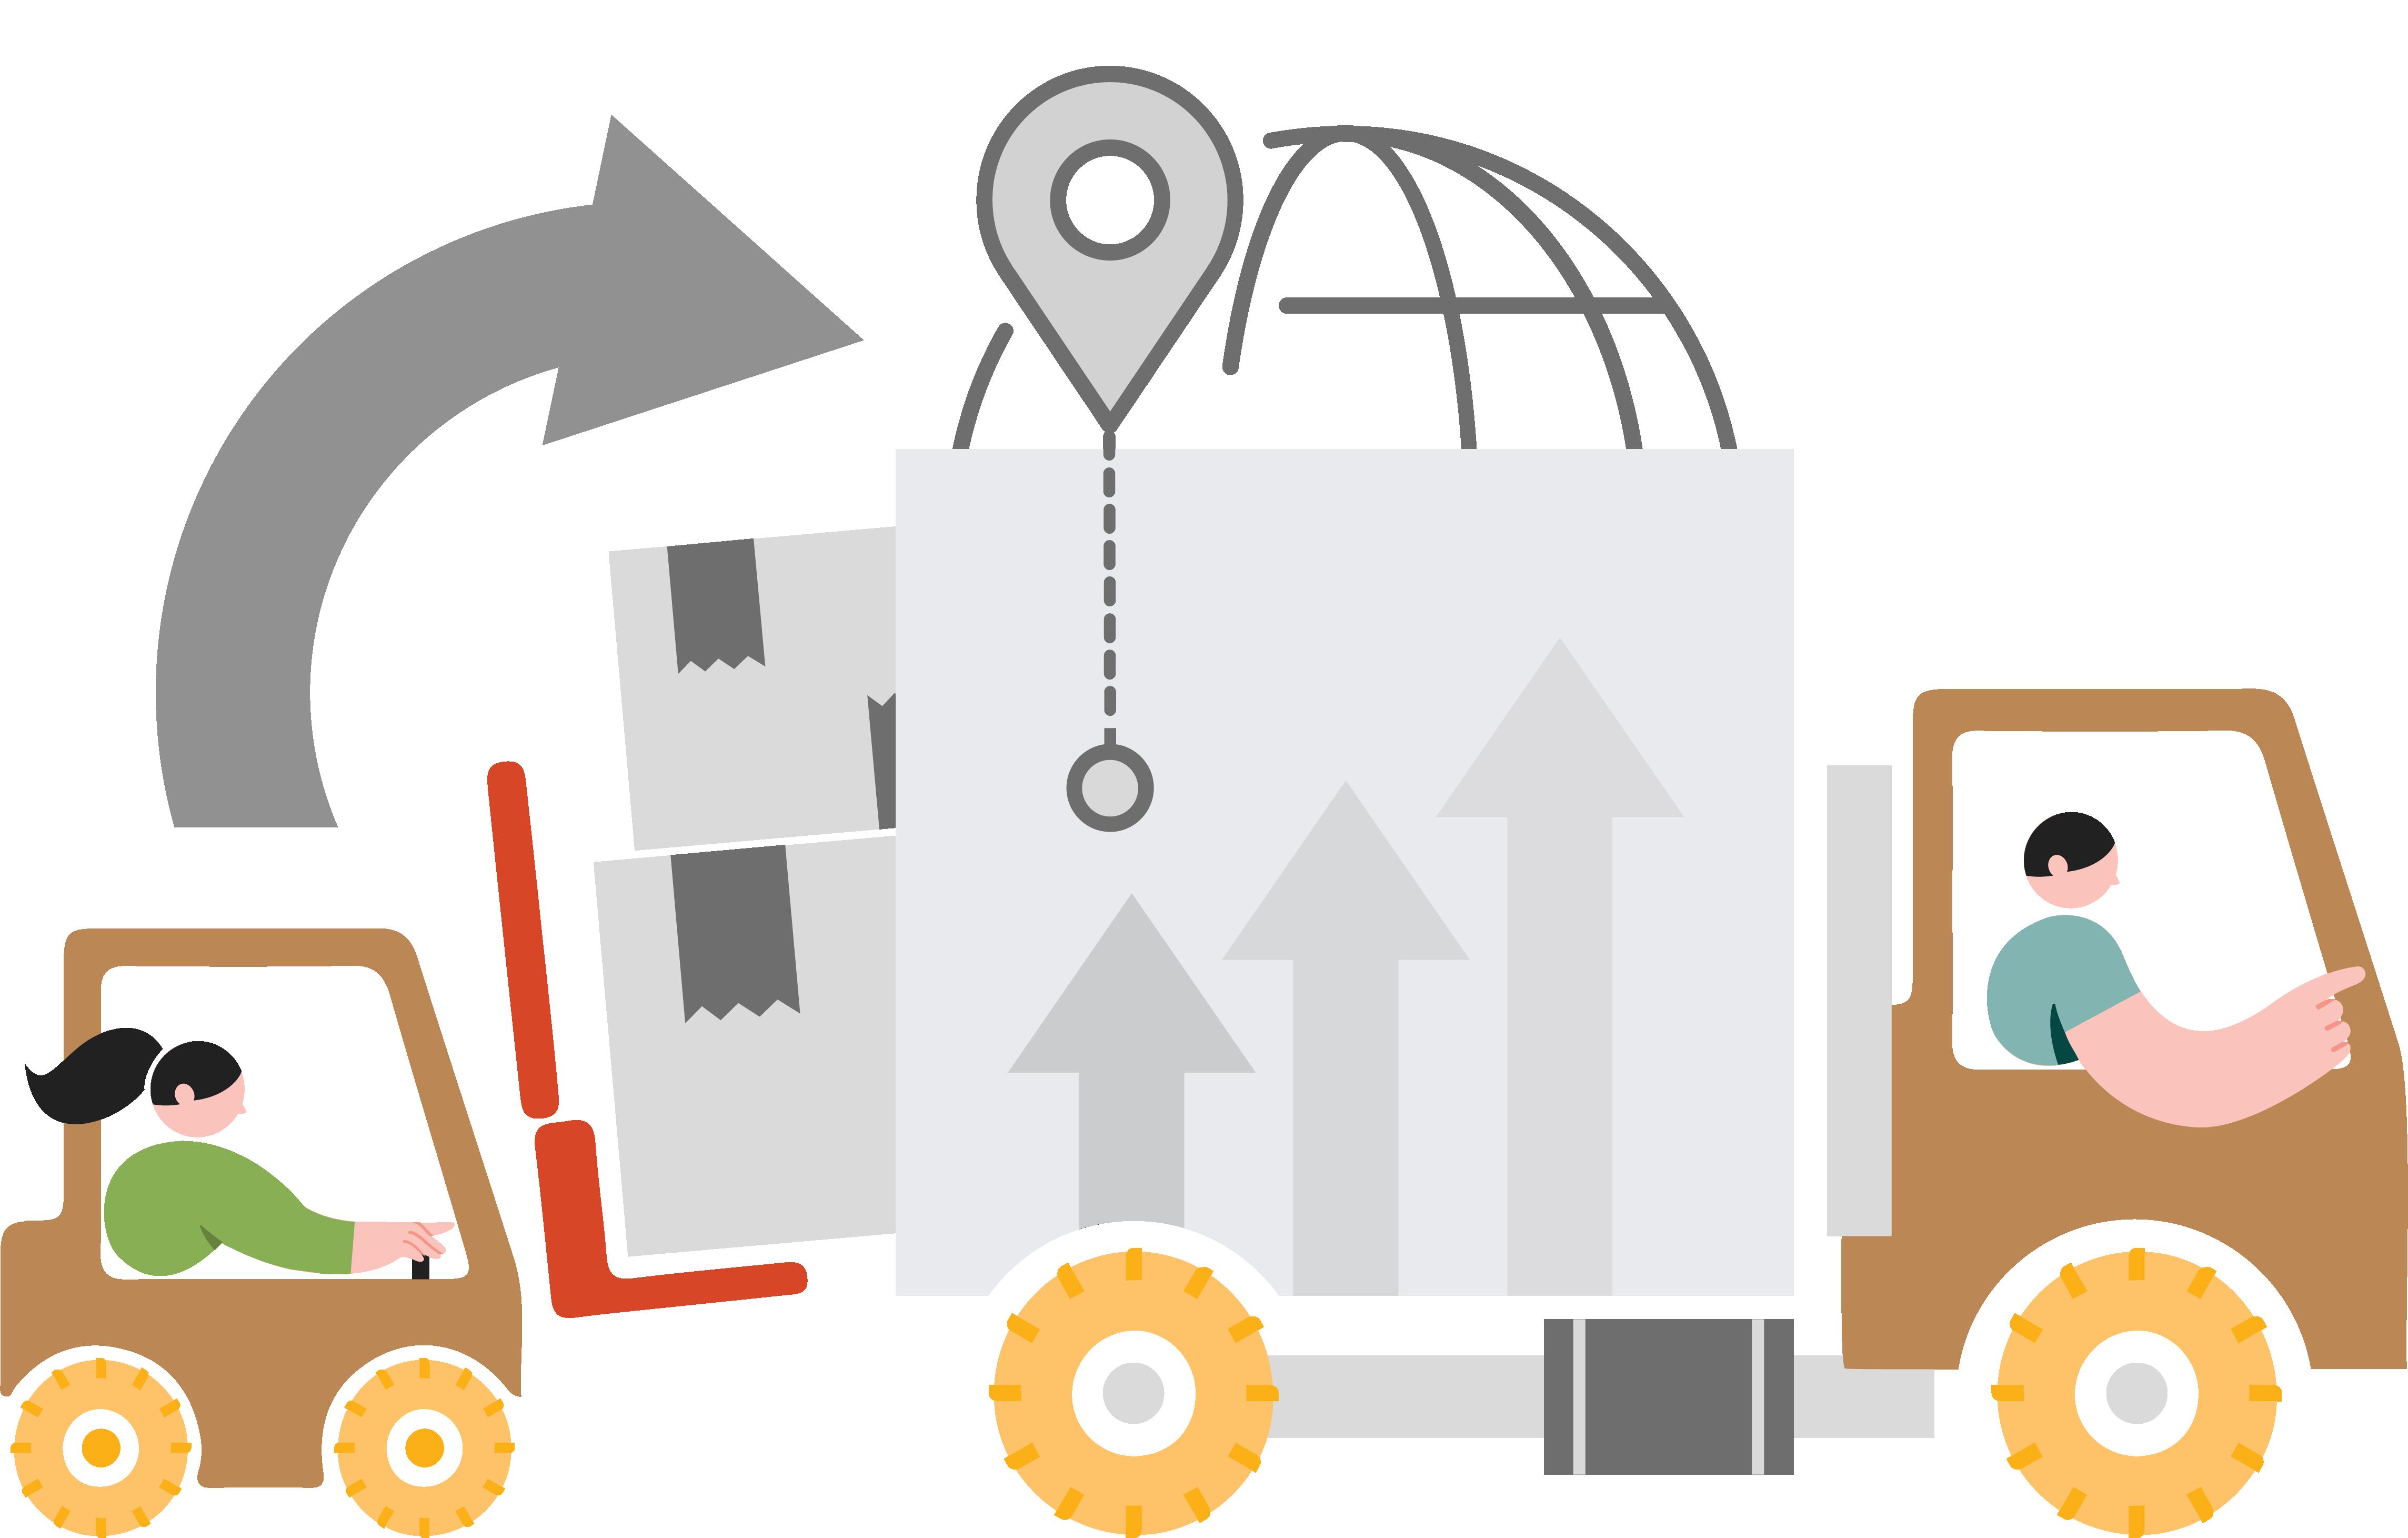 ducops-logistic-solution-illustrazione_gray